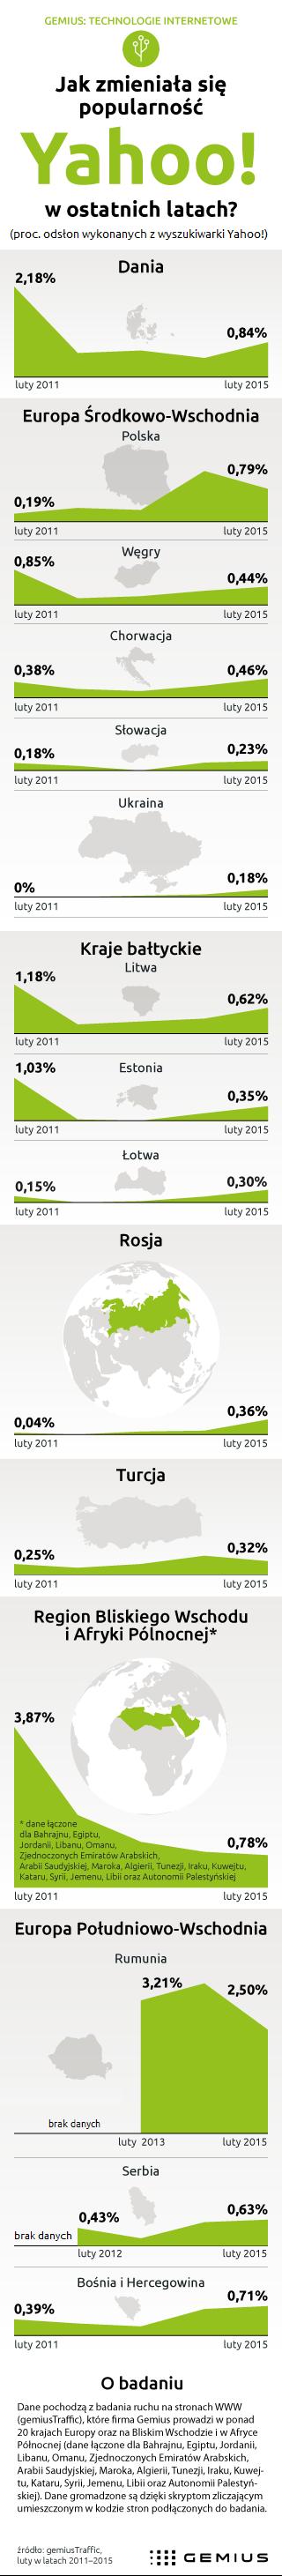 Popularność wyszukiwarki Yahoo! w Polsce 2015